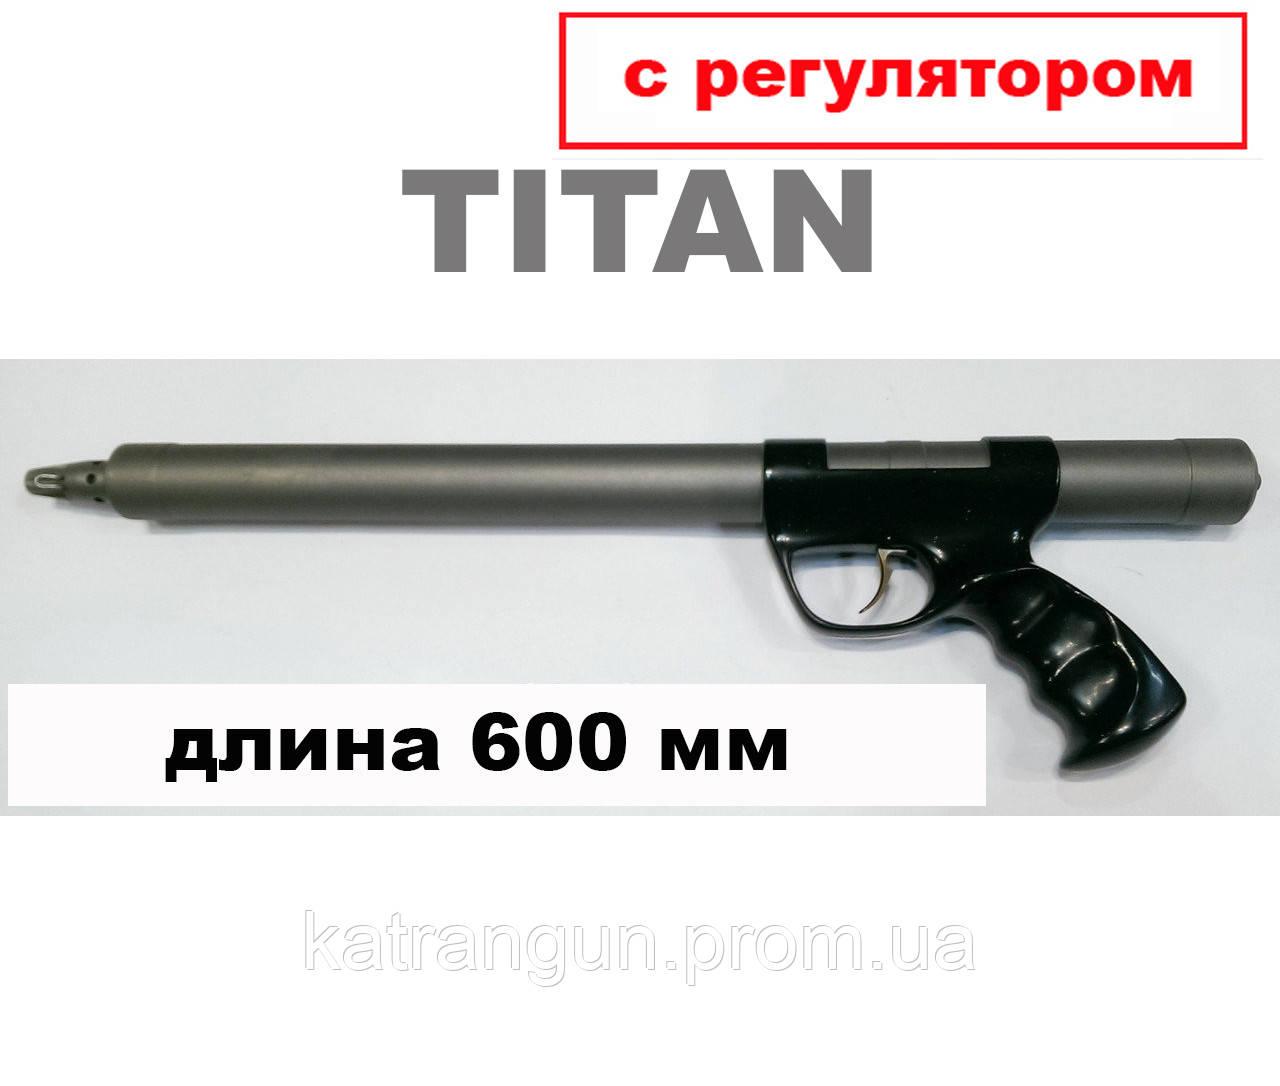 Титановая зелинка Юры Гориславца 600 мм; смещение 90 мм; с регулятором боя